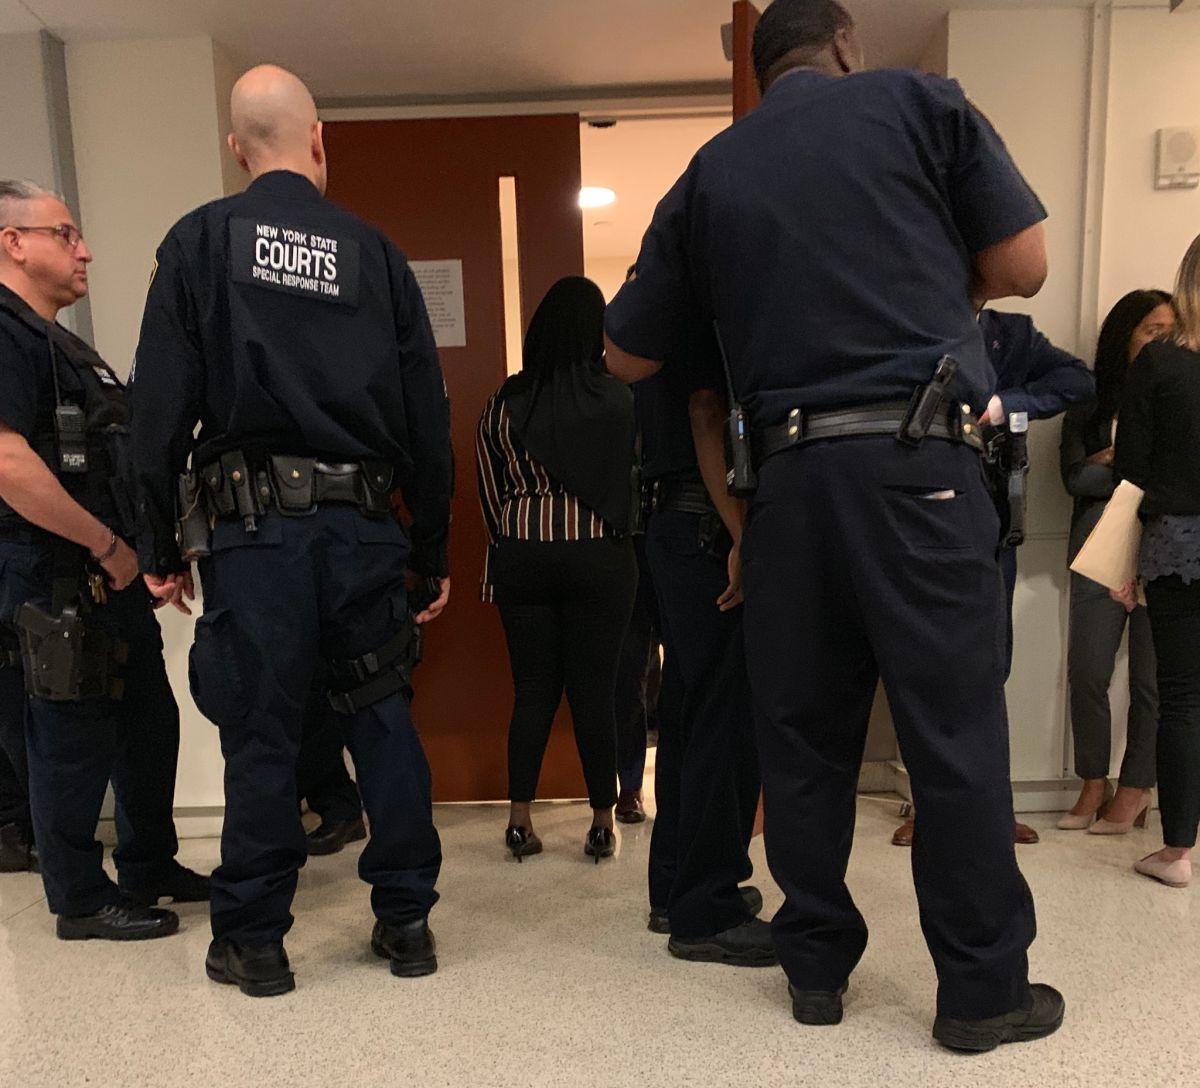 Piden a Albany aprobar ley para mantener a 'La Migra' fuera de cortes de NY